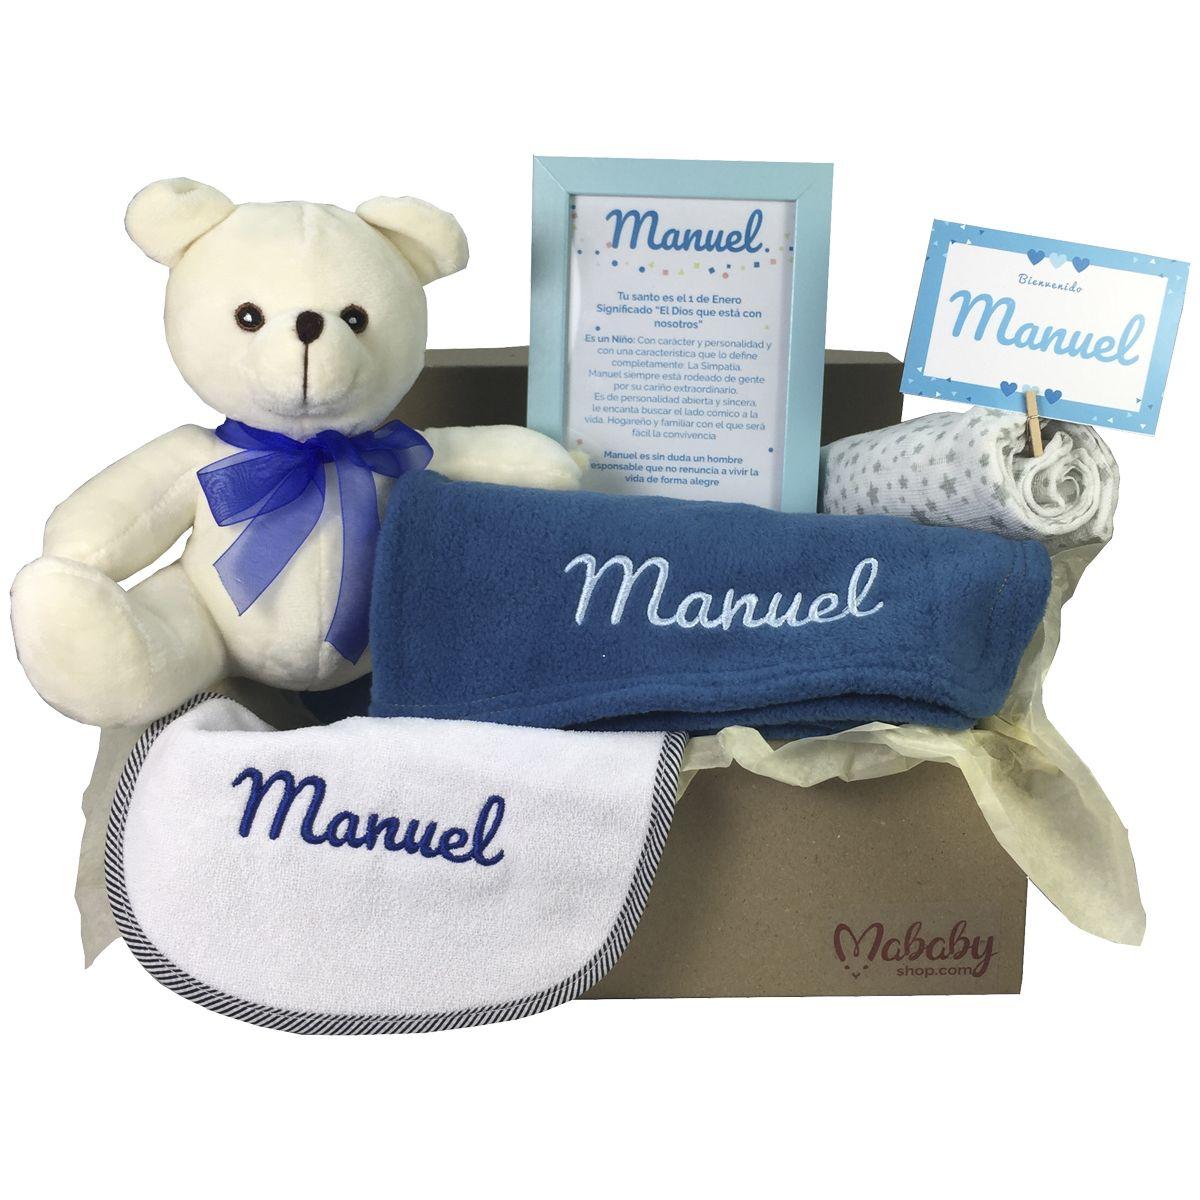 Regalo original Recien Nacido MabyBox My Jeans Regalos beb/é Cesta de Bebe Personalizada Azul Canastilla de Bebe